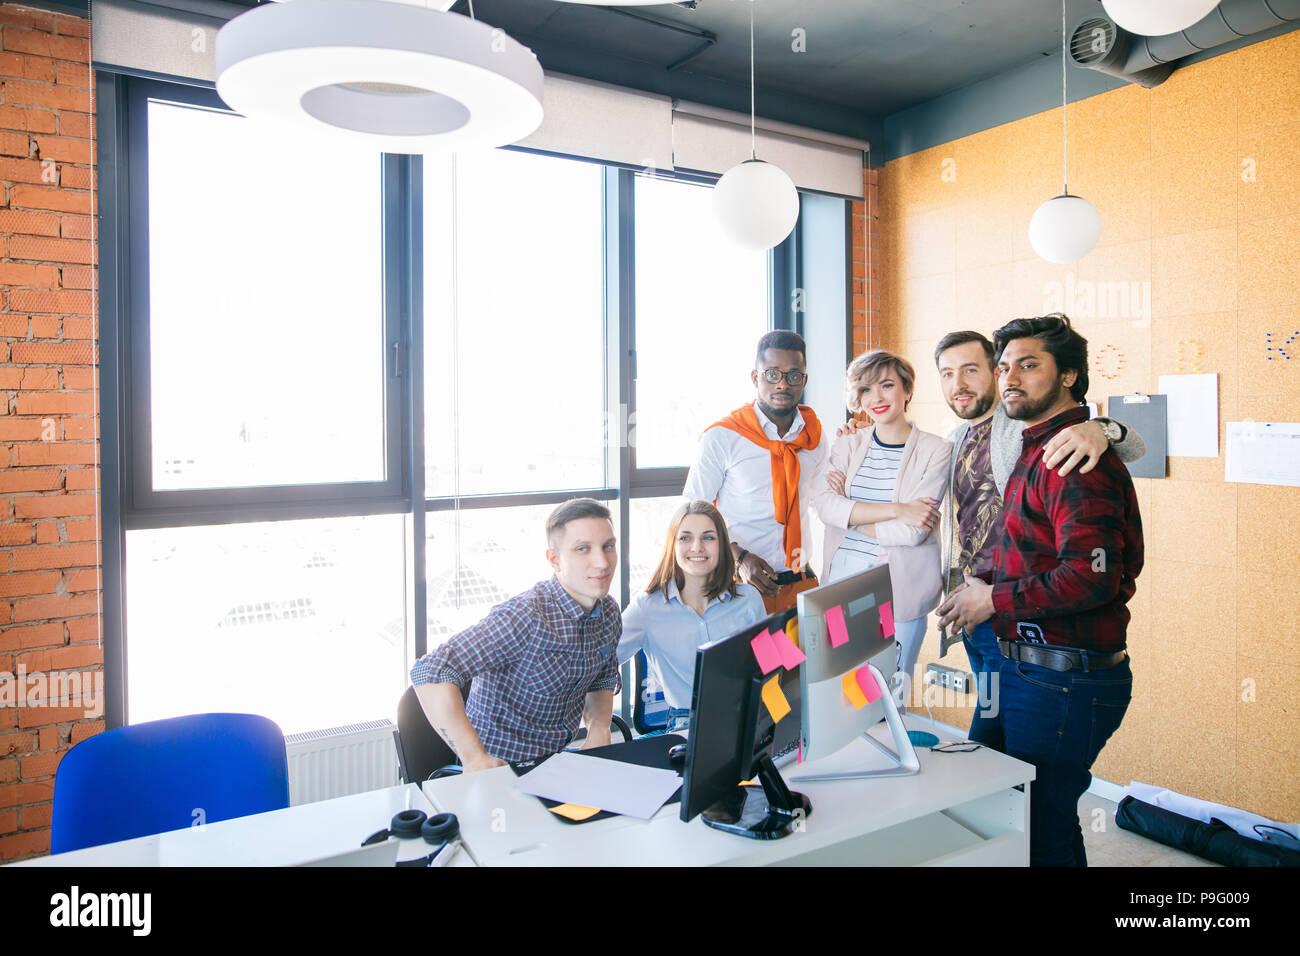 Foto von wunderschöne junge startup Team auf die Kamera in der Loft office posieren. super multi-ethnische junge Menschen bei der Arbeit Stockbild